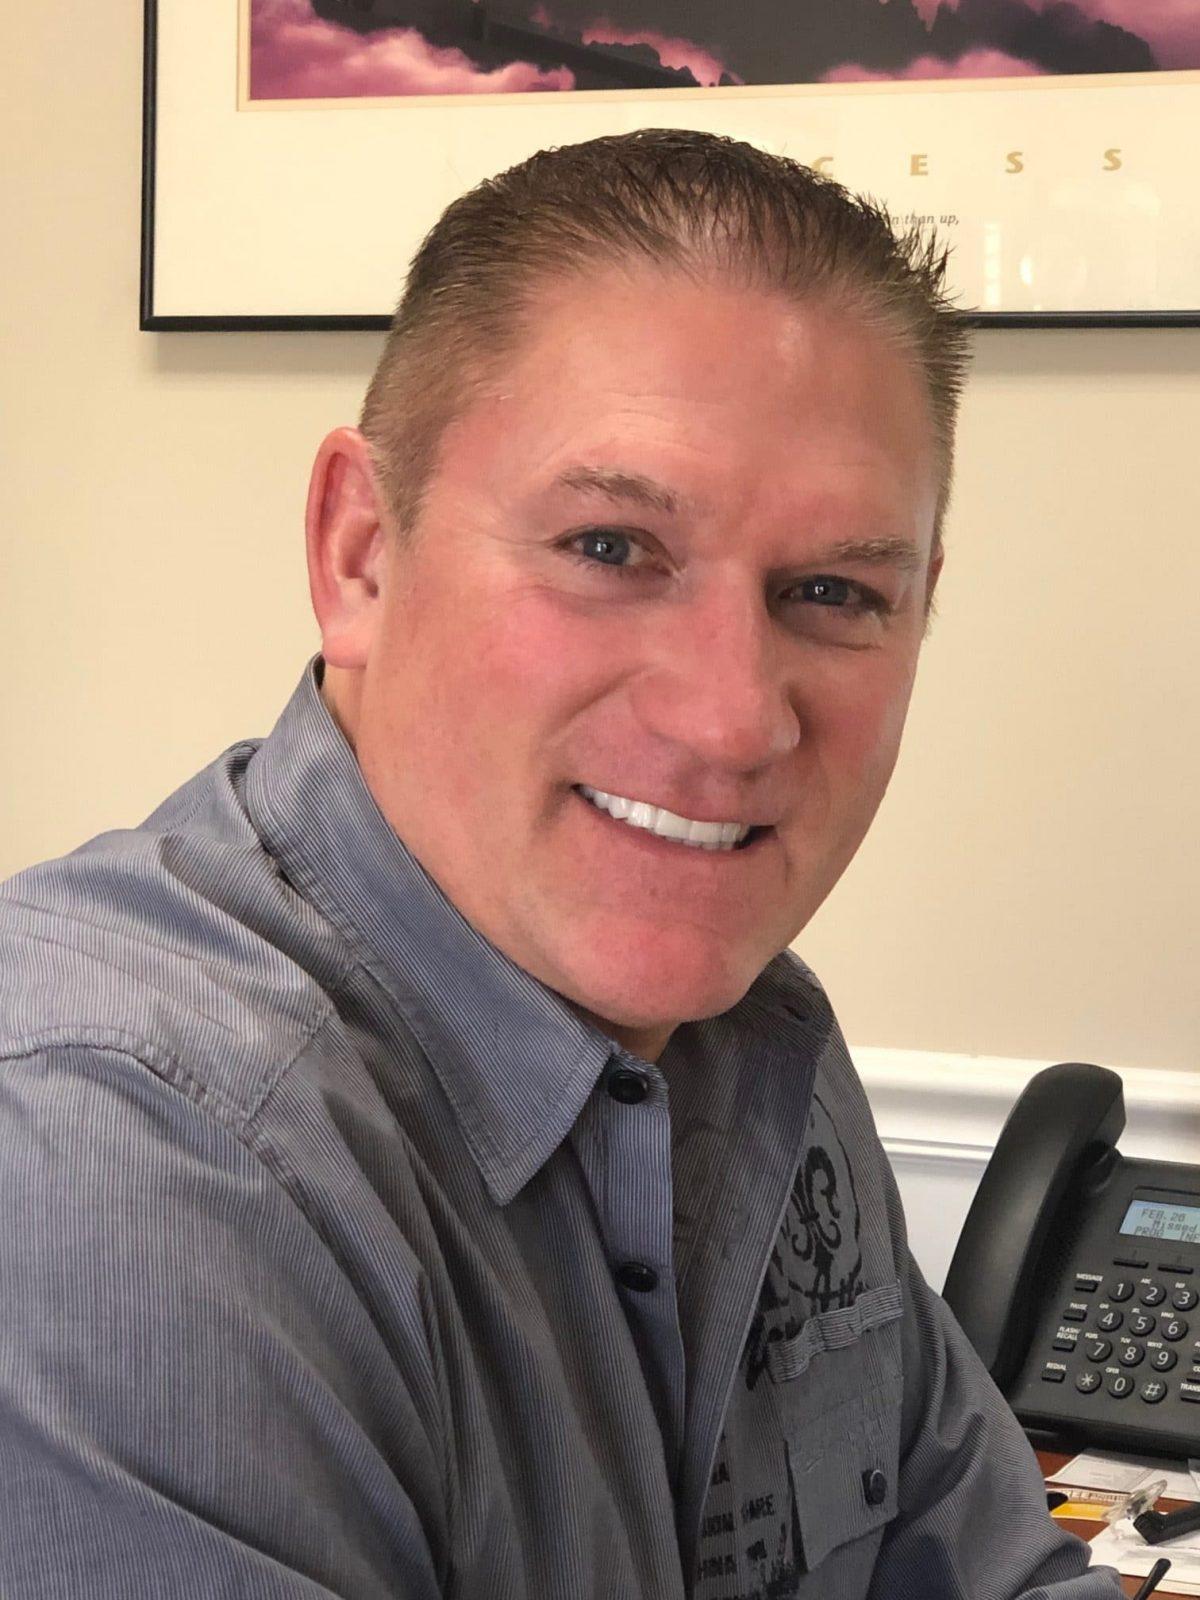 Kevin Brandes